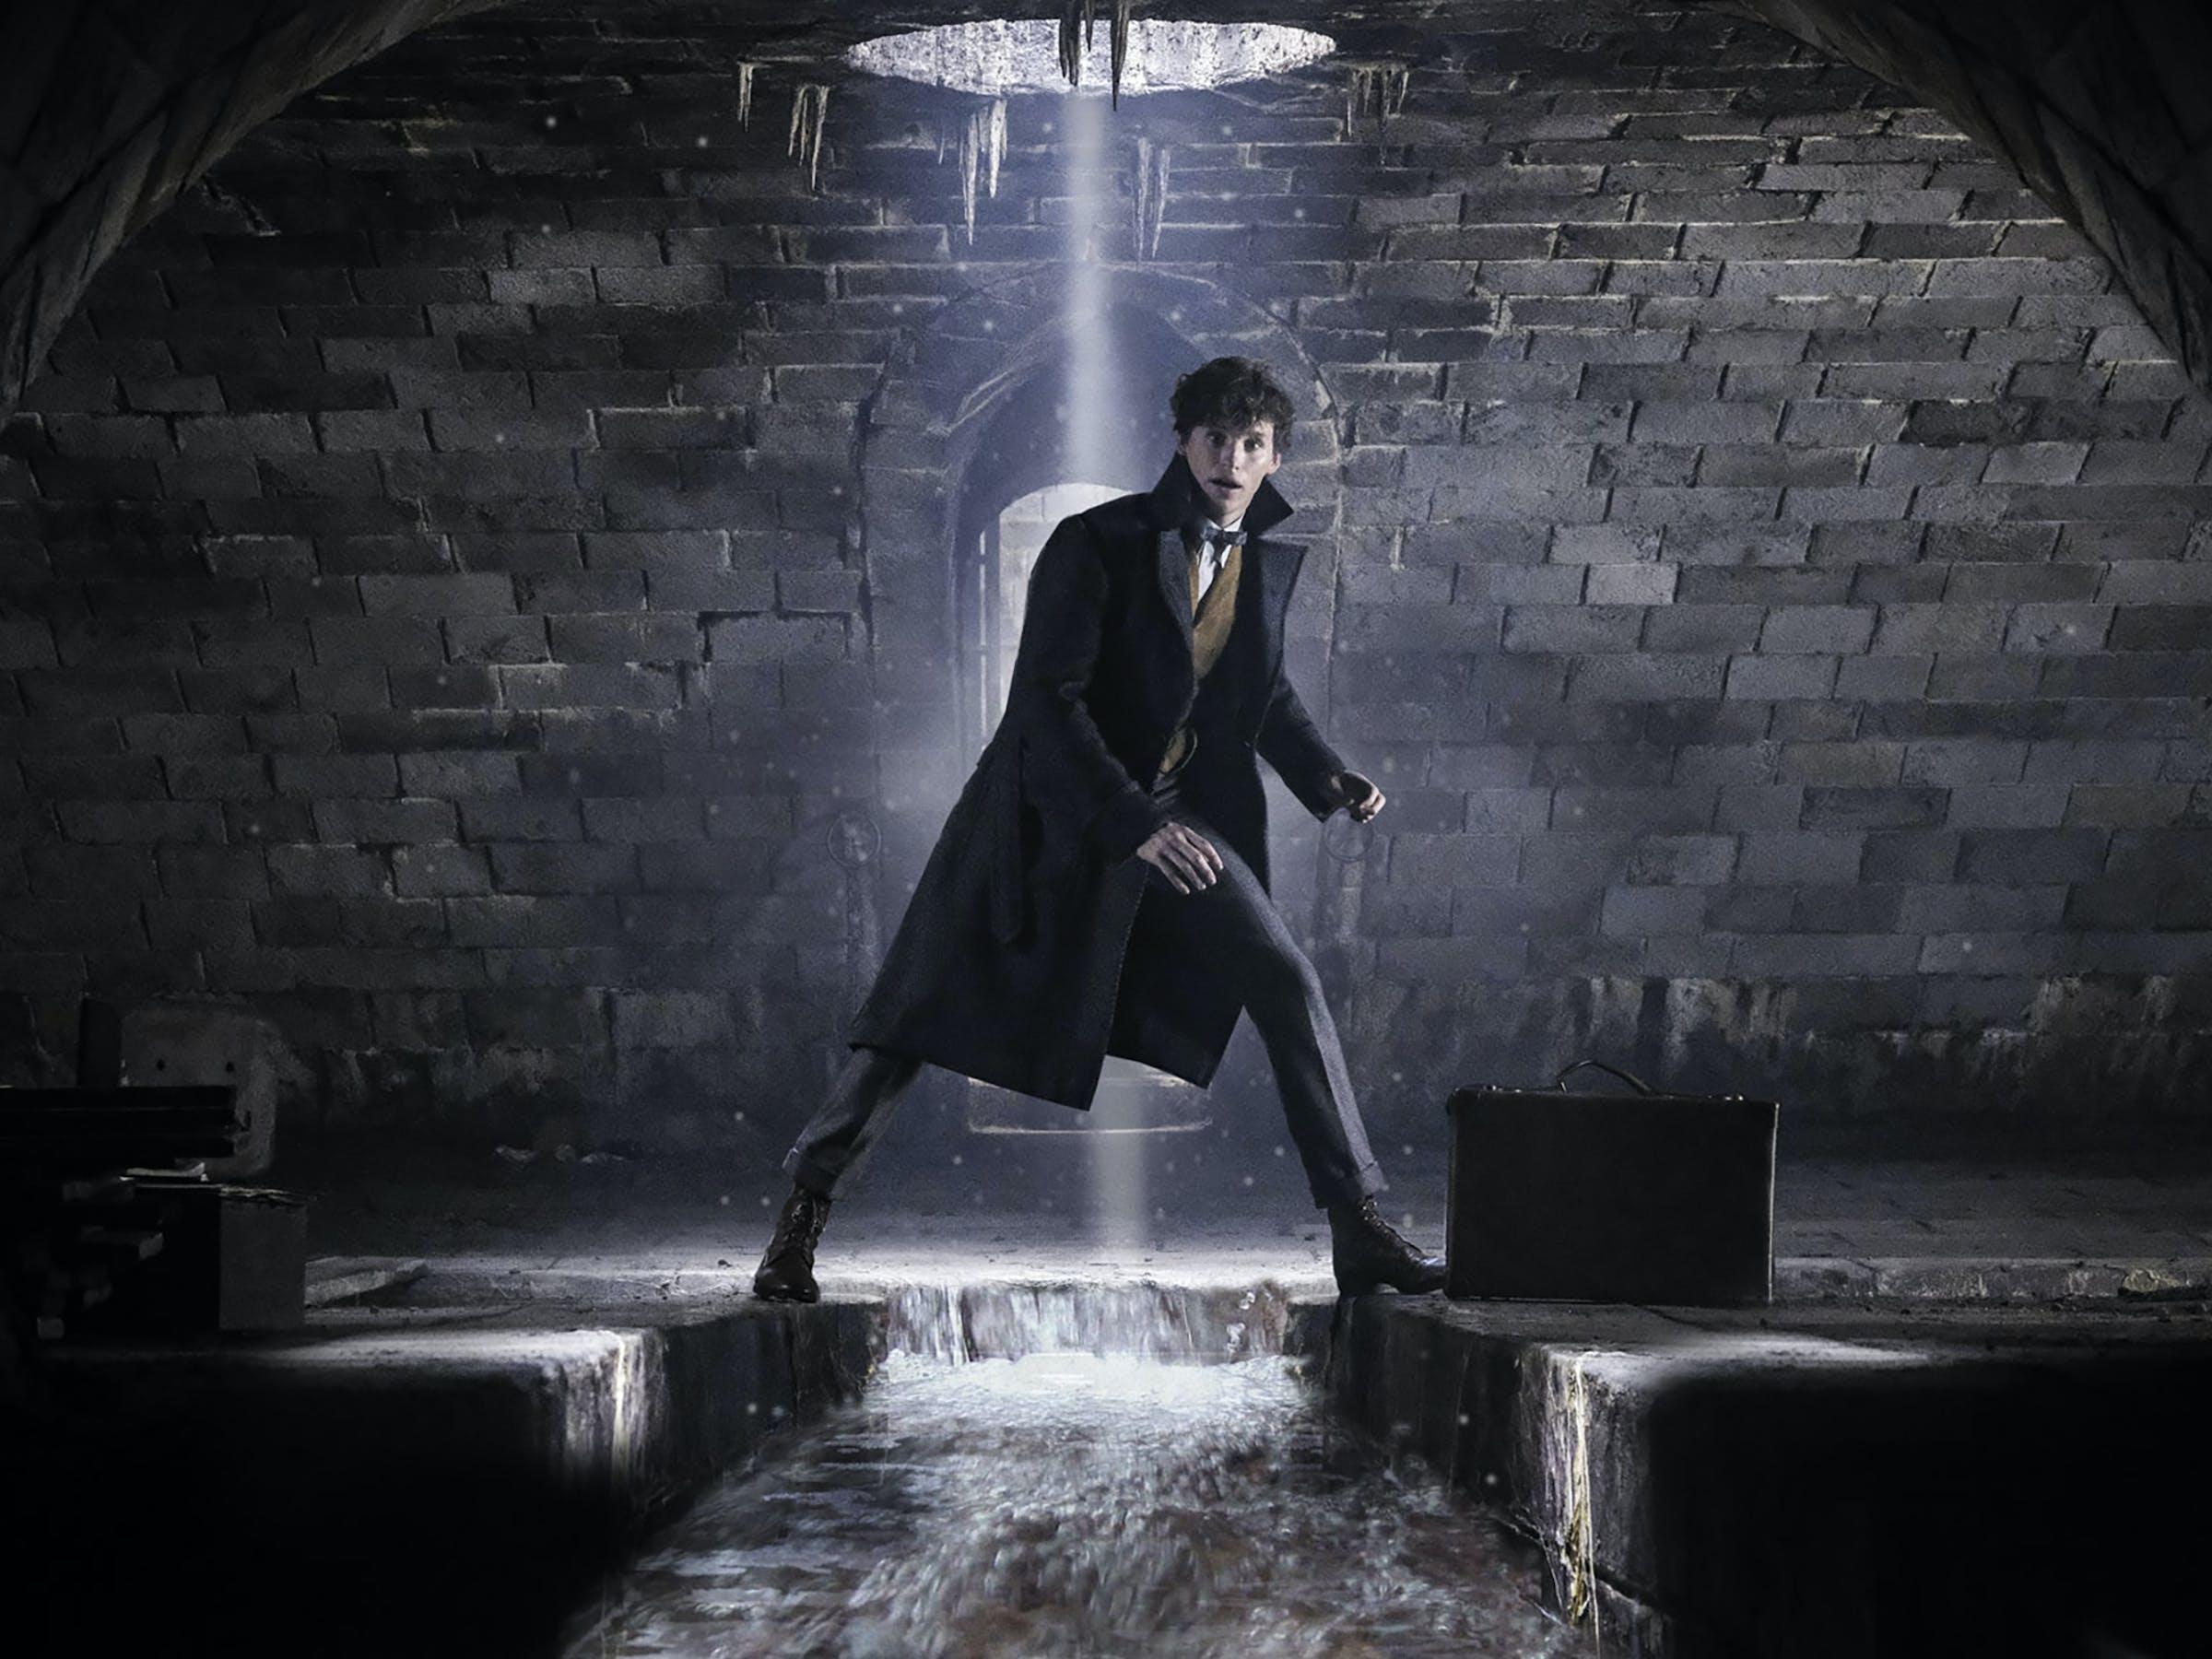 Fantastic Beasts Crimes of Grindelwald